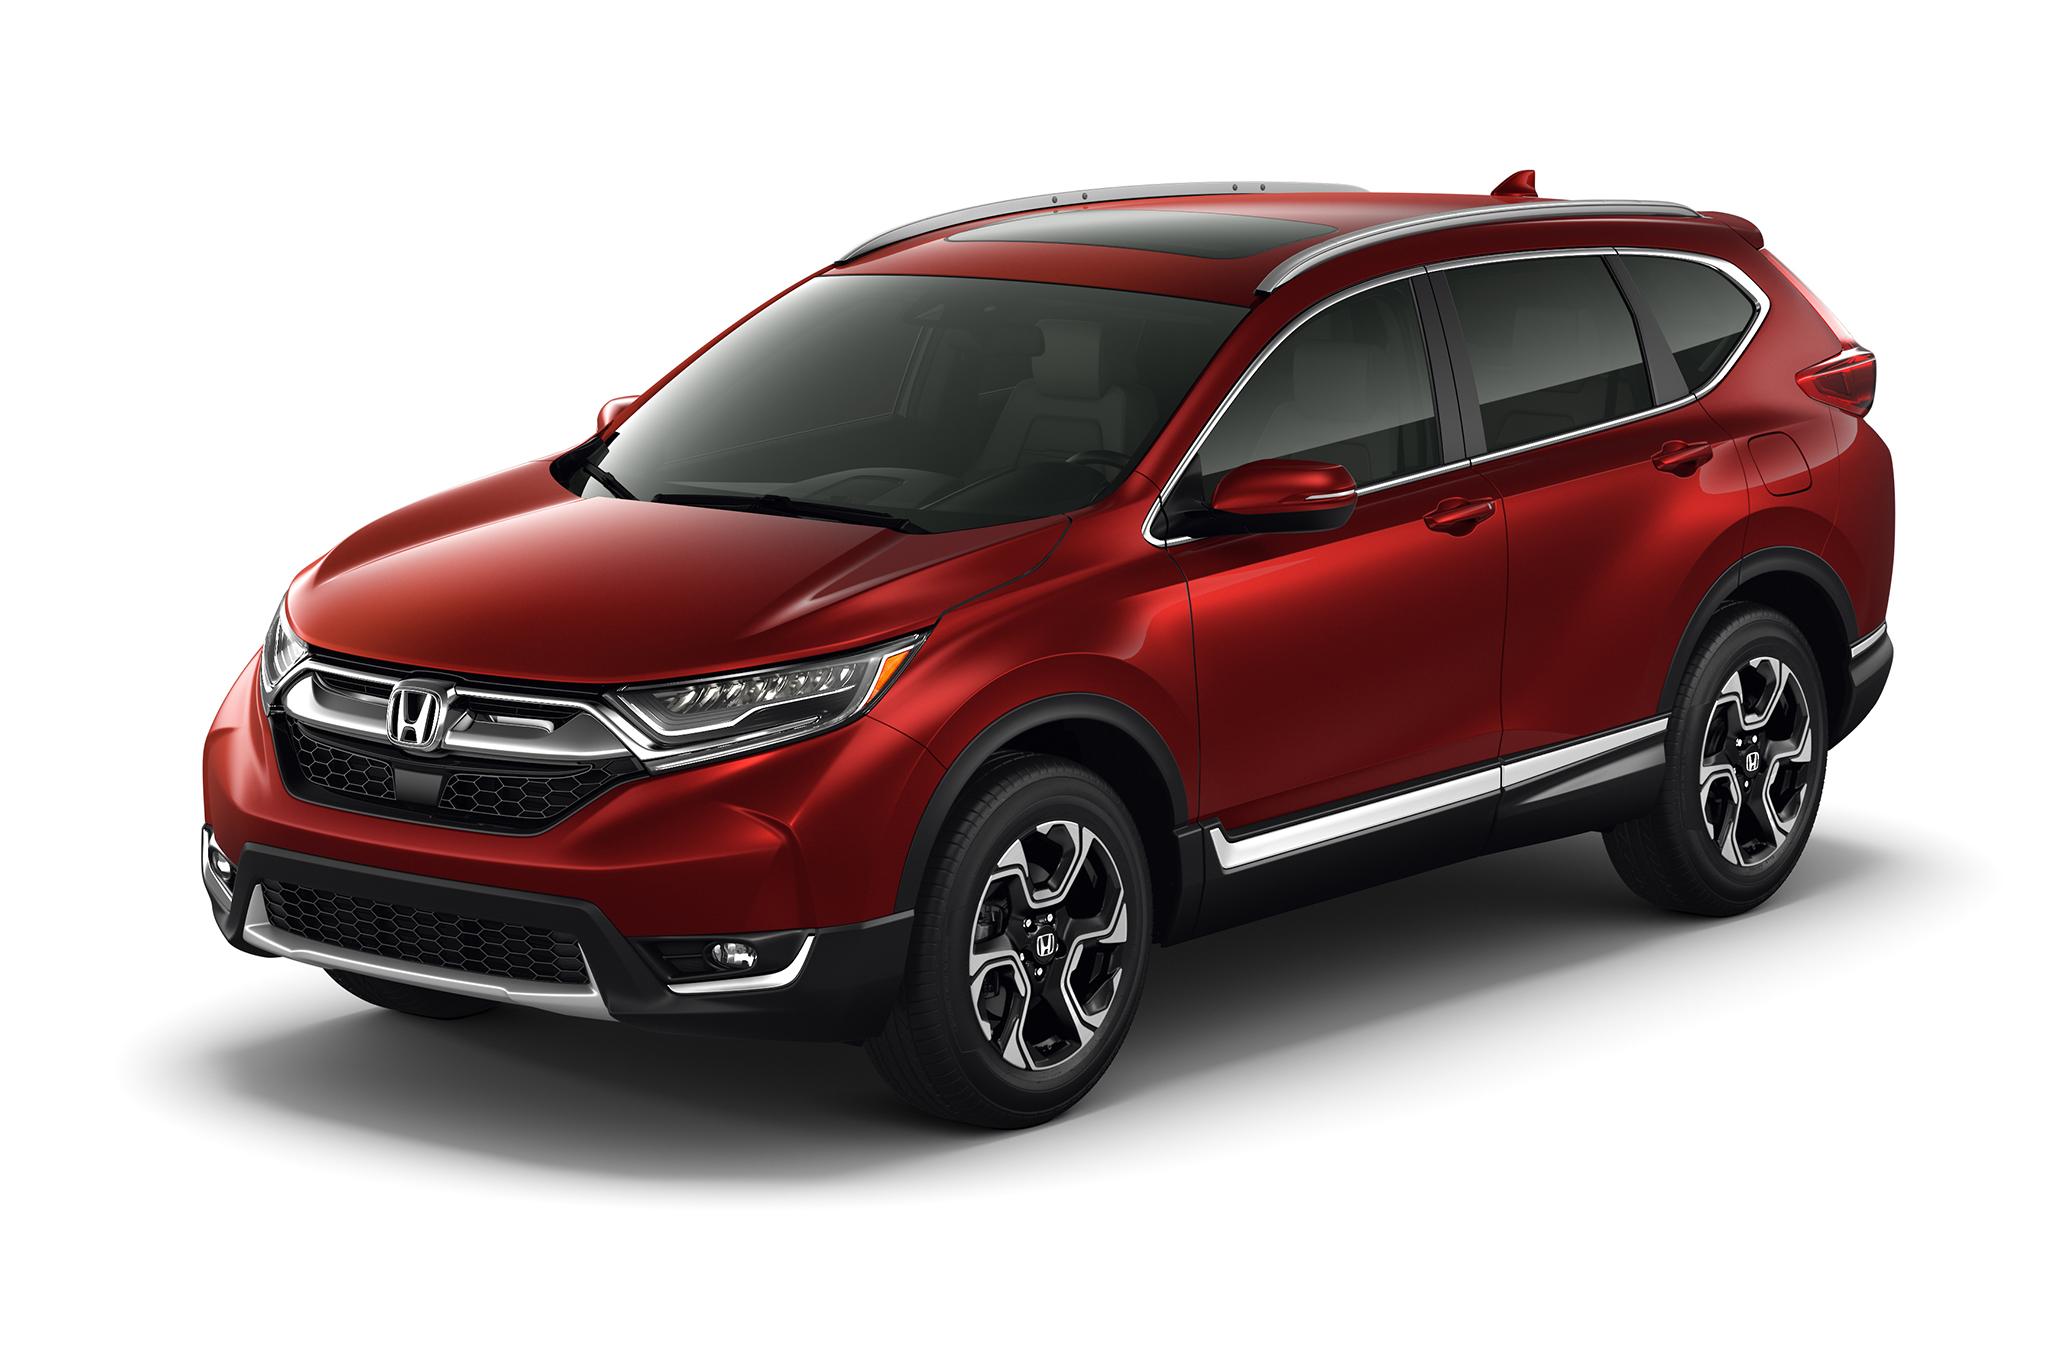 Kelebihan Honda Cr V 2017 Tangguh